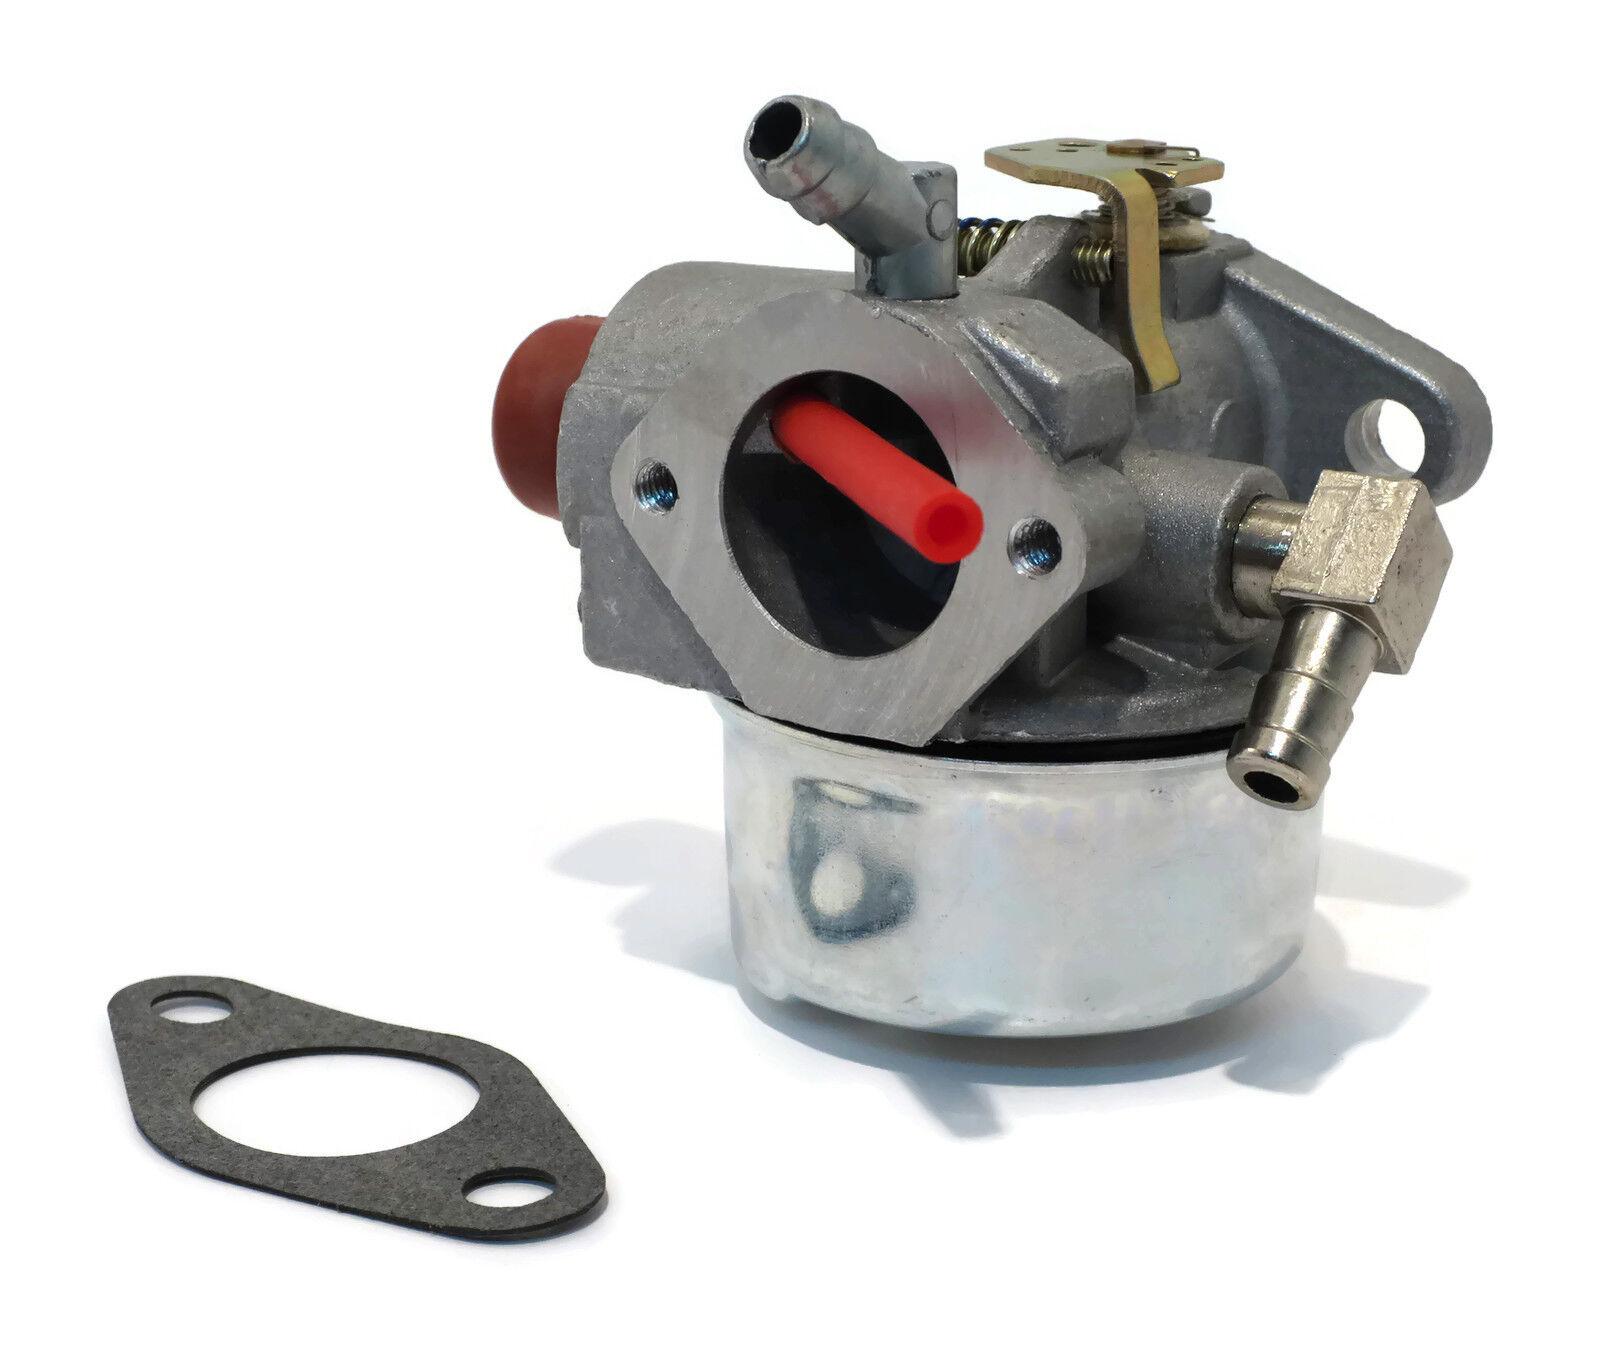 Carburetor Carb For Teseh Sears Craftsman Mowers W Primer Bulb Lawn Mower